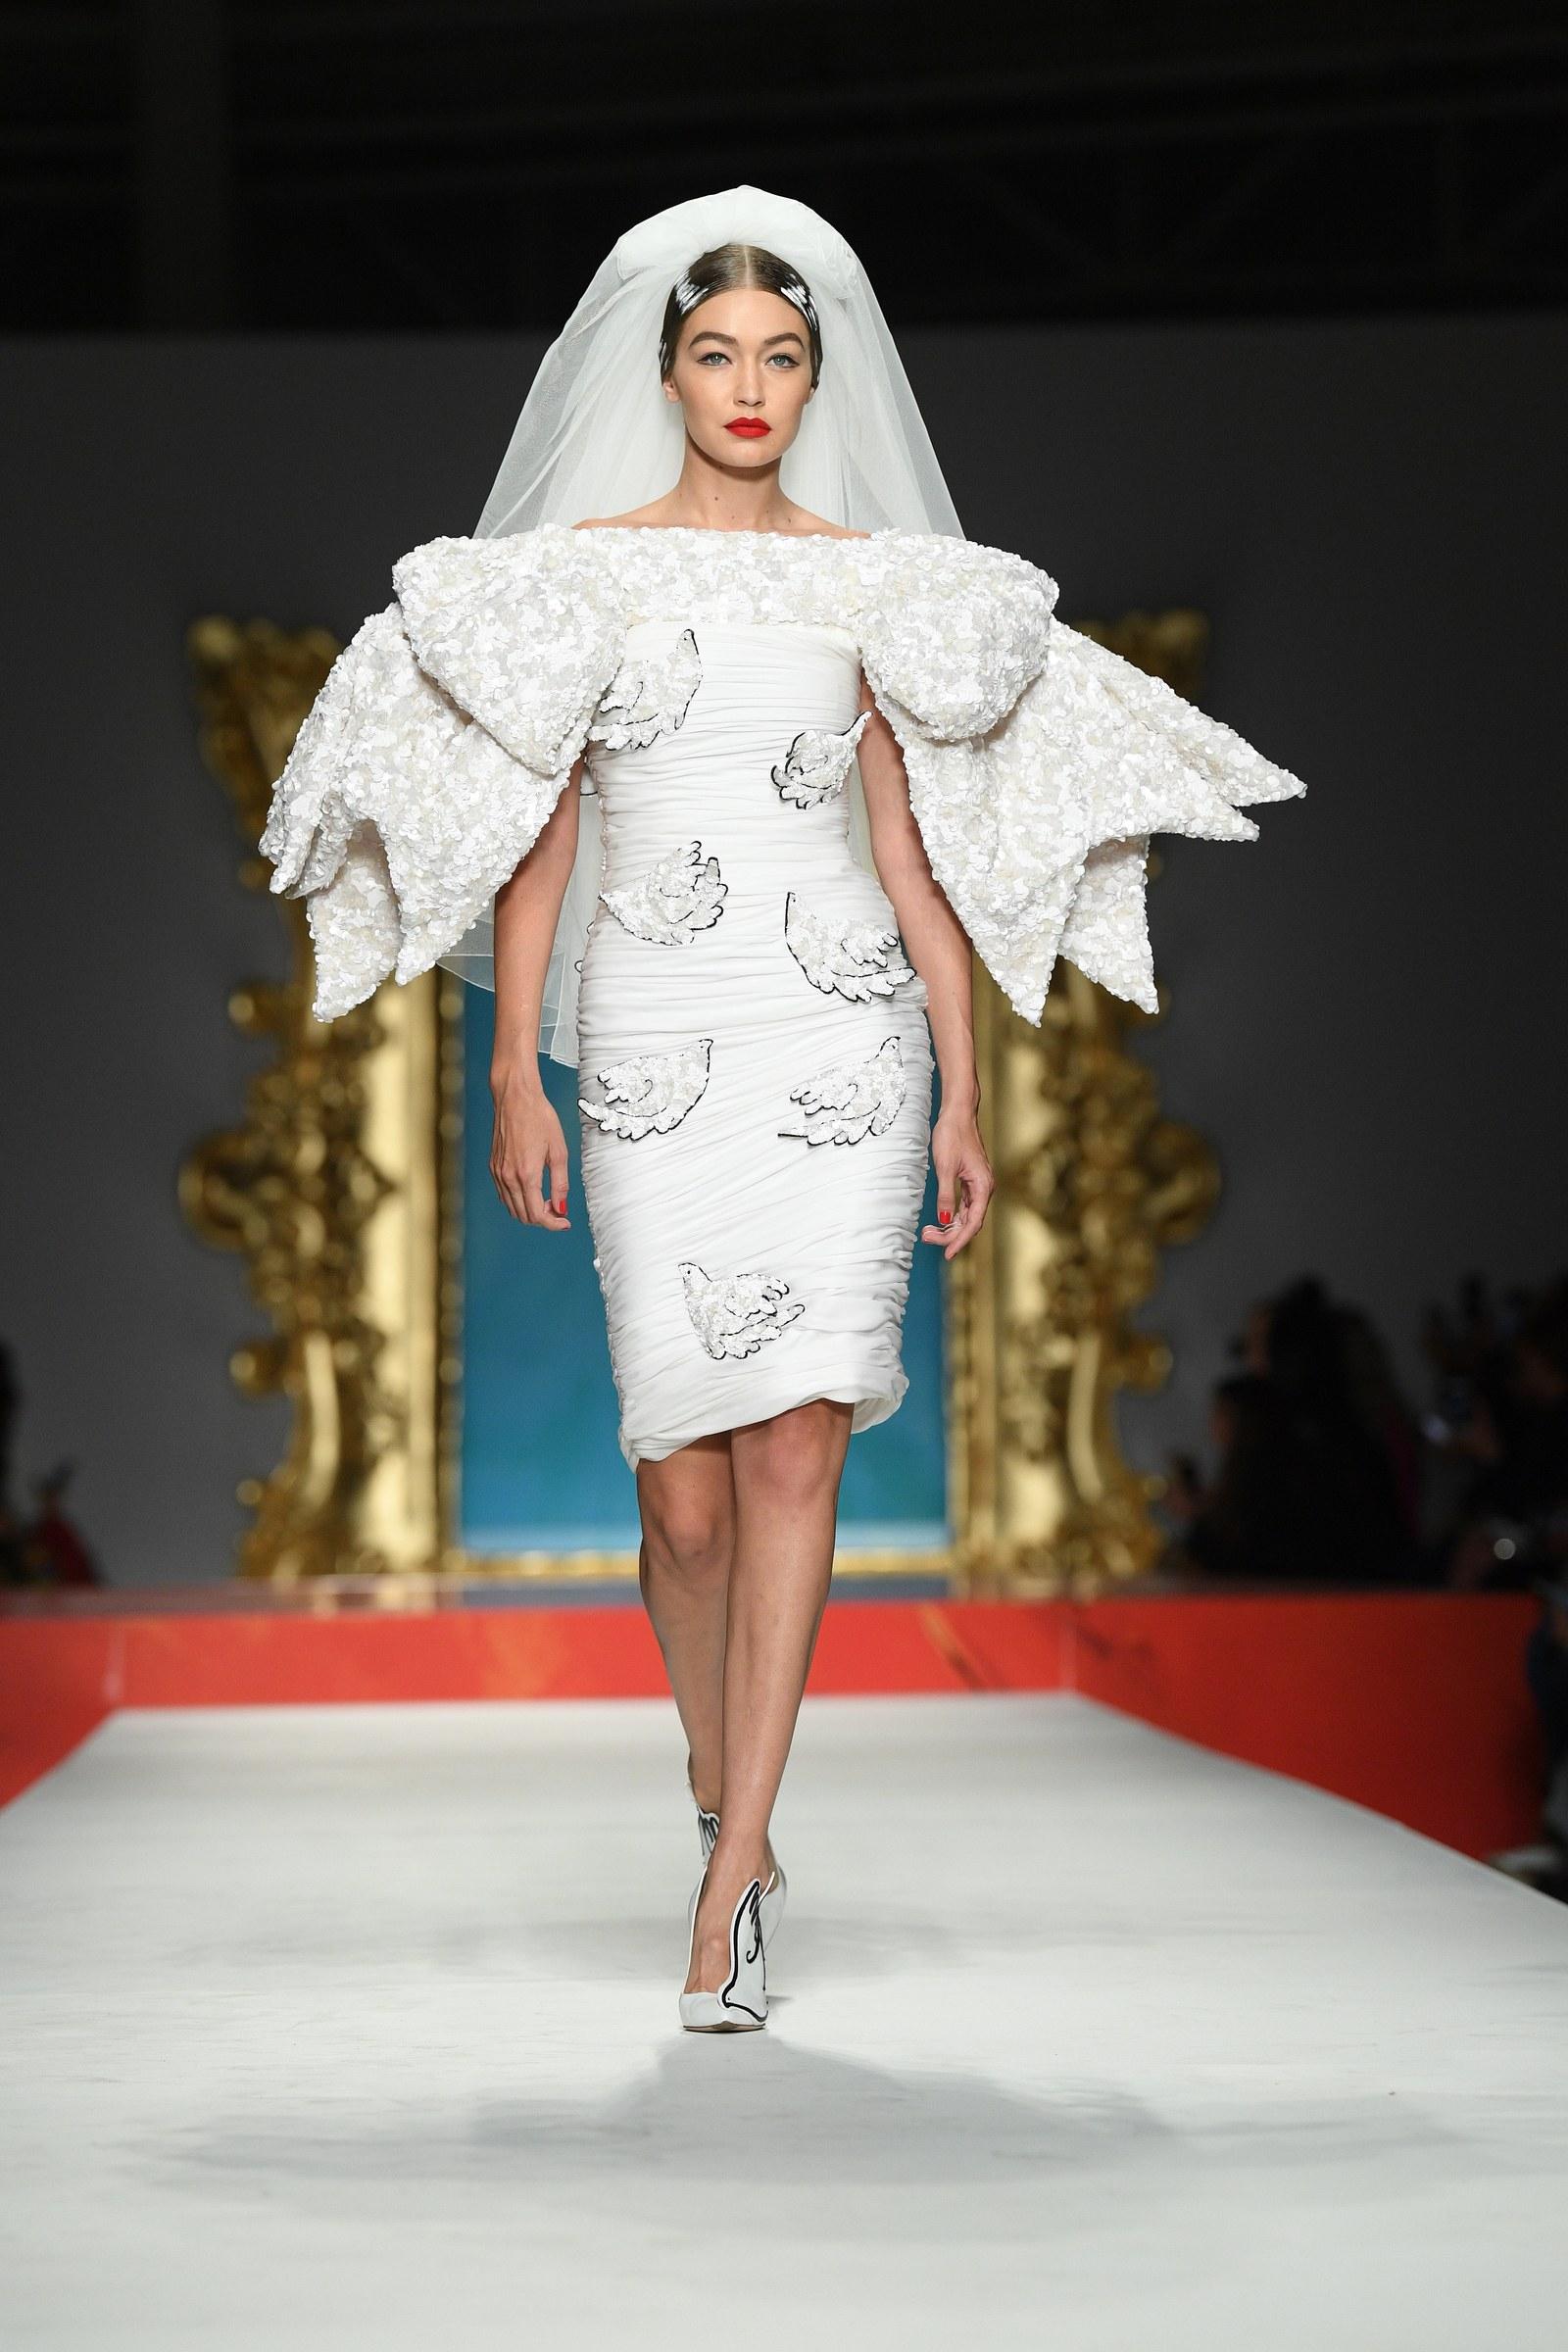 Gigi Hadid hoá thân thành cô dâu trong show Moschino tại tuần lễ thời trang Paris Xuân - Hè 2020